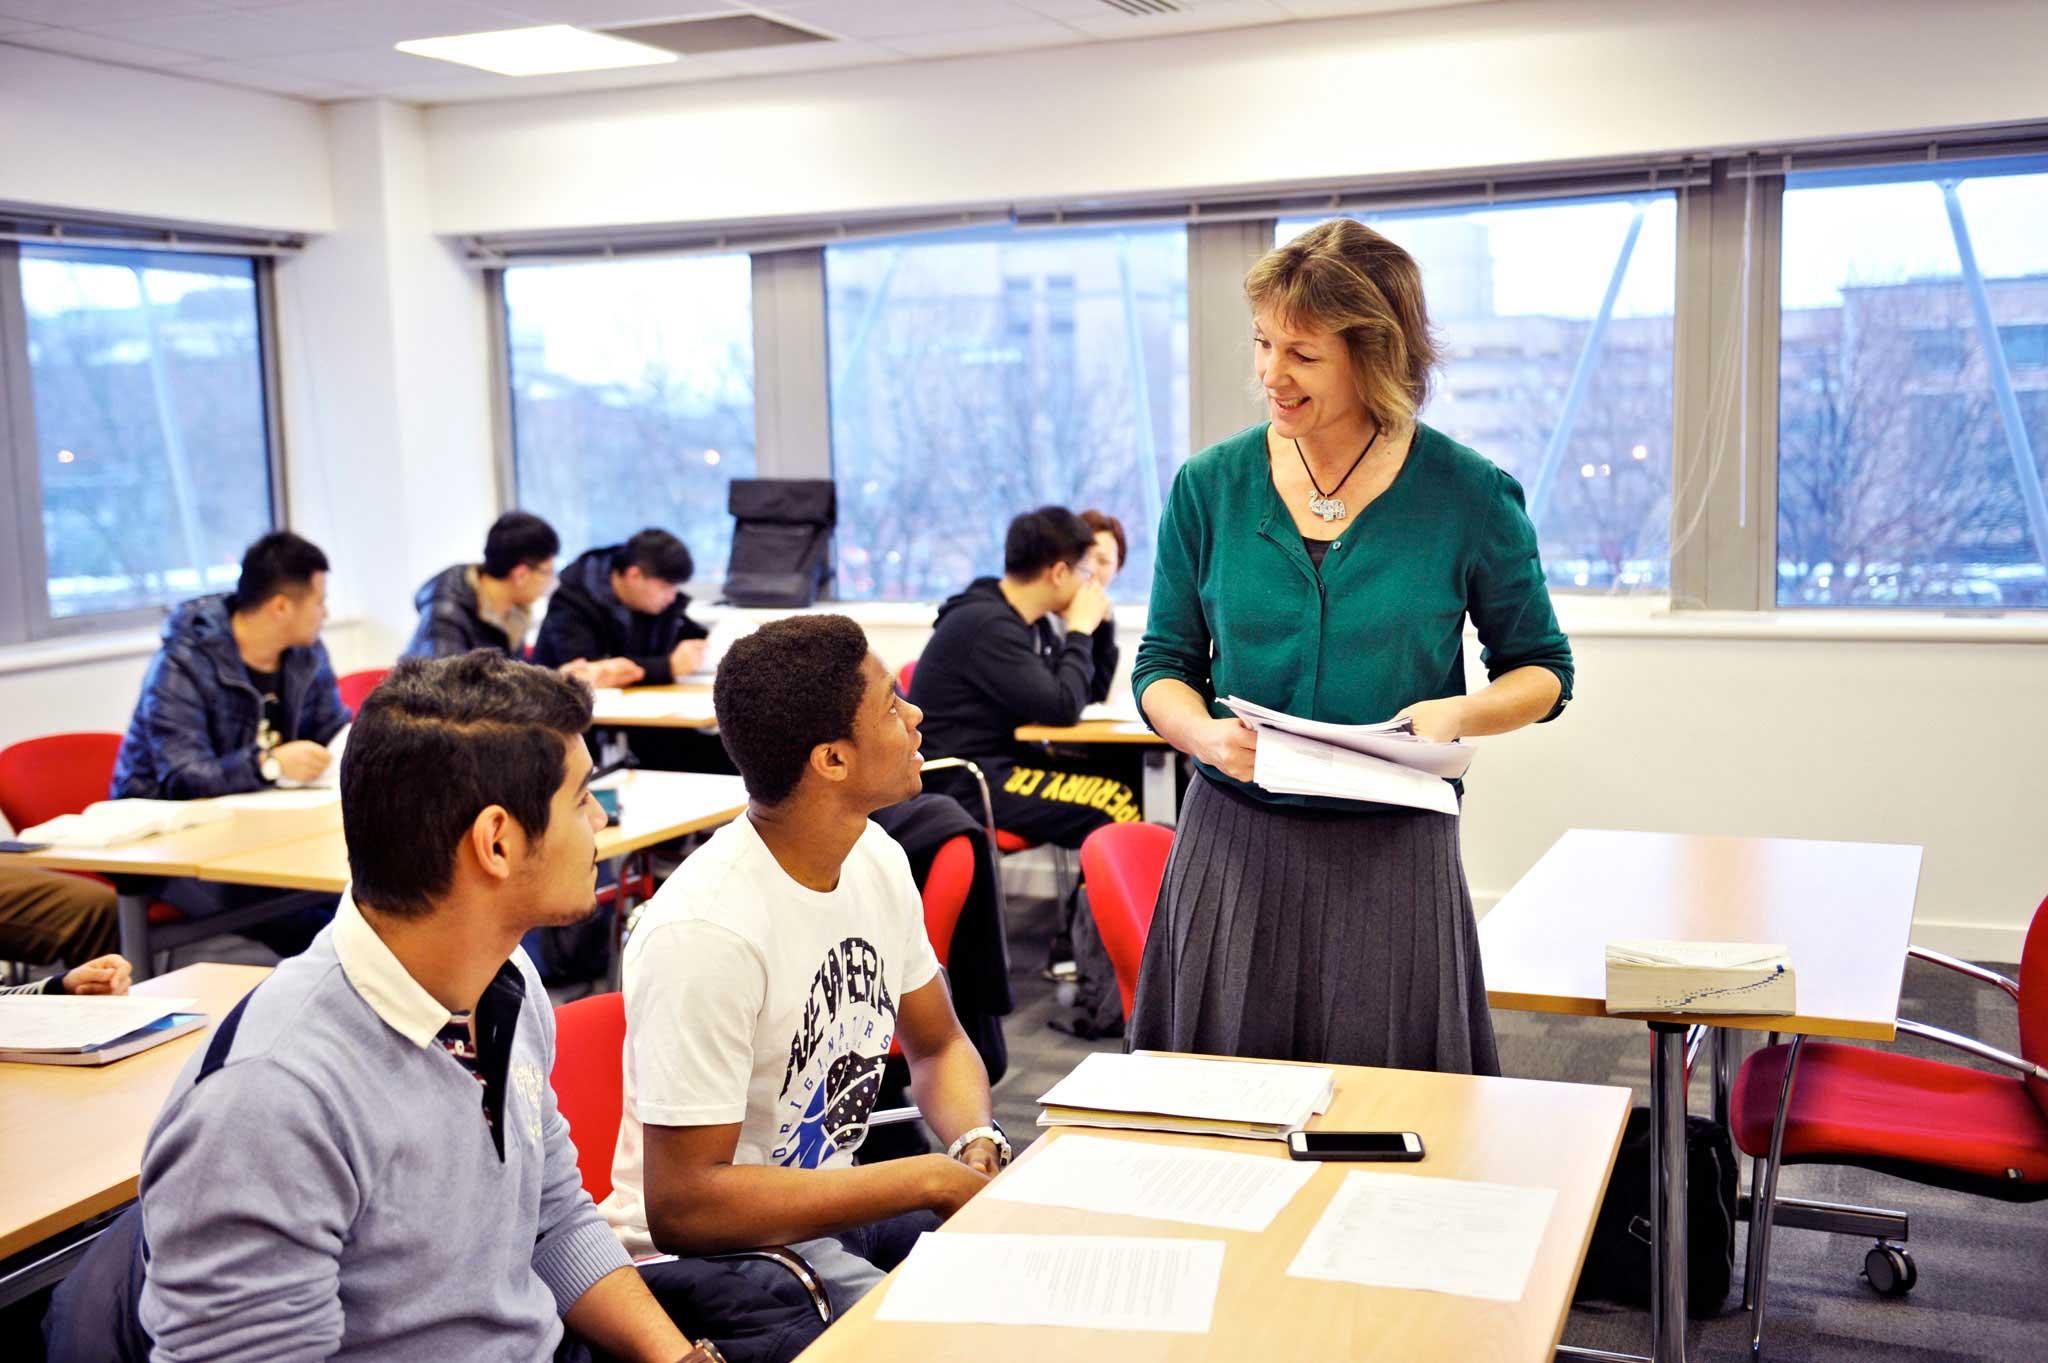 City of glasgow college (глазго) - групповая программа изучения английского в великобритании на 2021 год